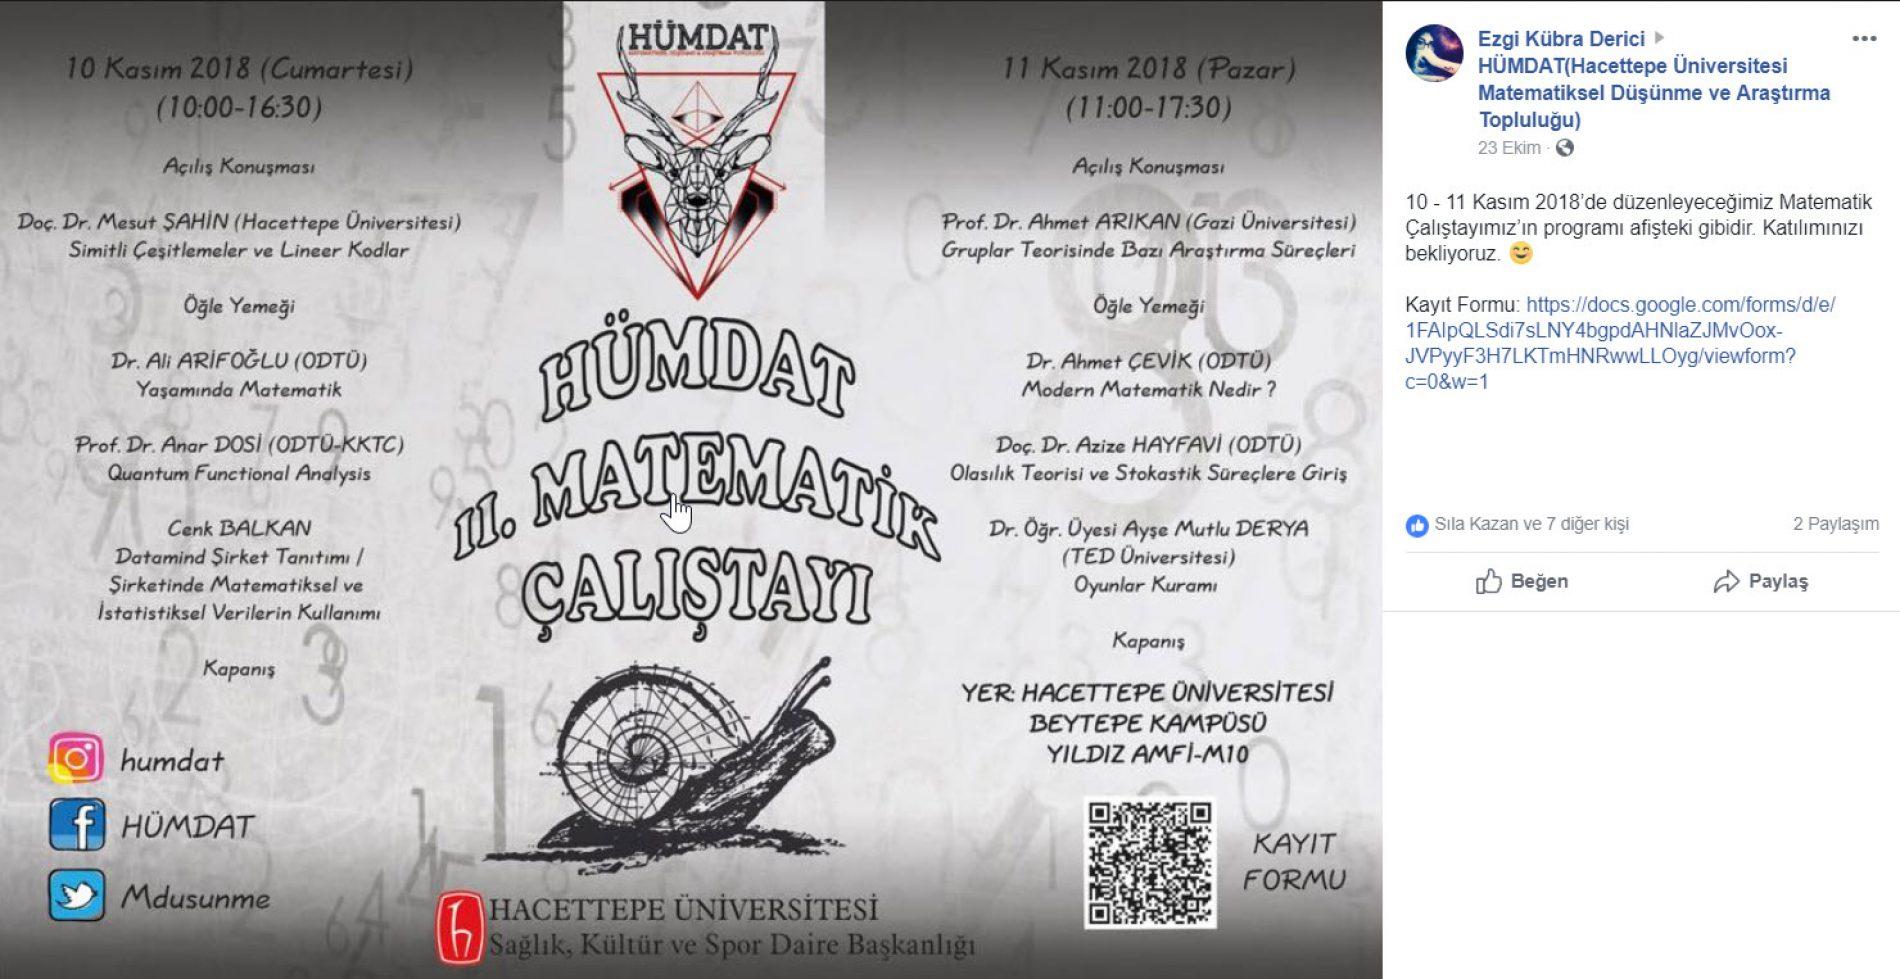 HÜMDAT II. Matematik Çalıştayı 10-11 Kasım 2018 – Beytepe